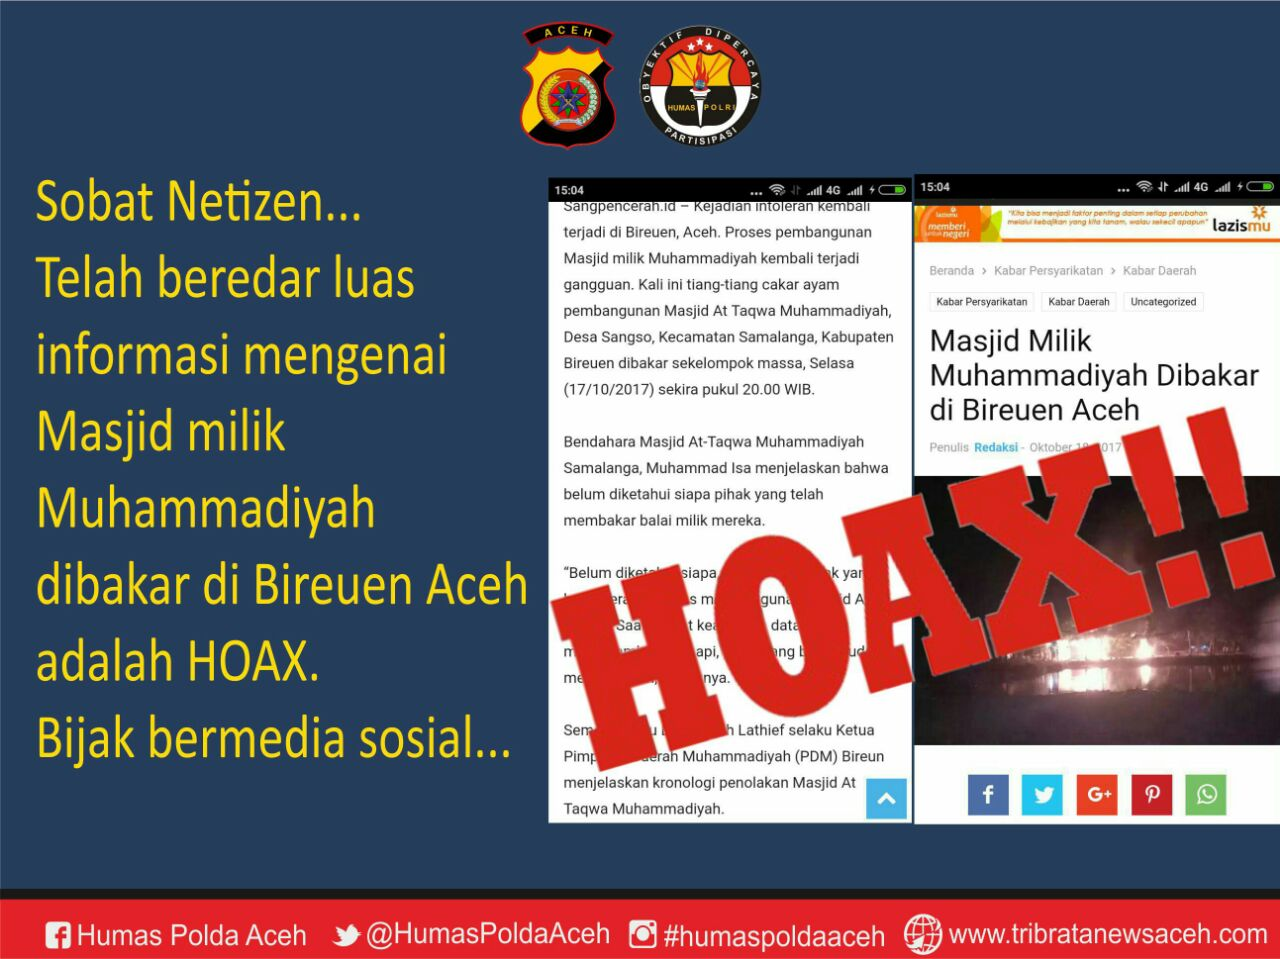 Polda Aceh Bantah Pembakaran Masjid, Yang Terjadi Pembakaran Bedeng